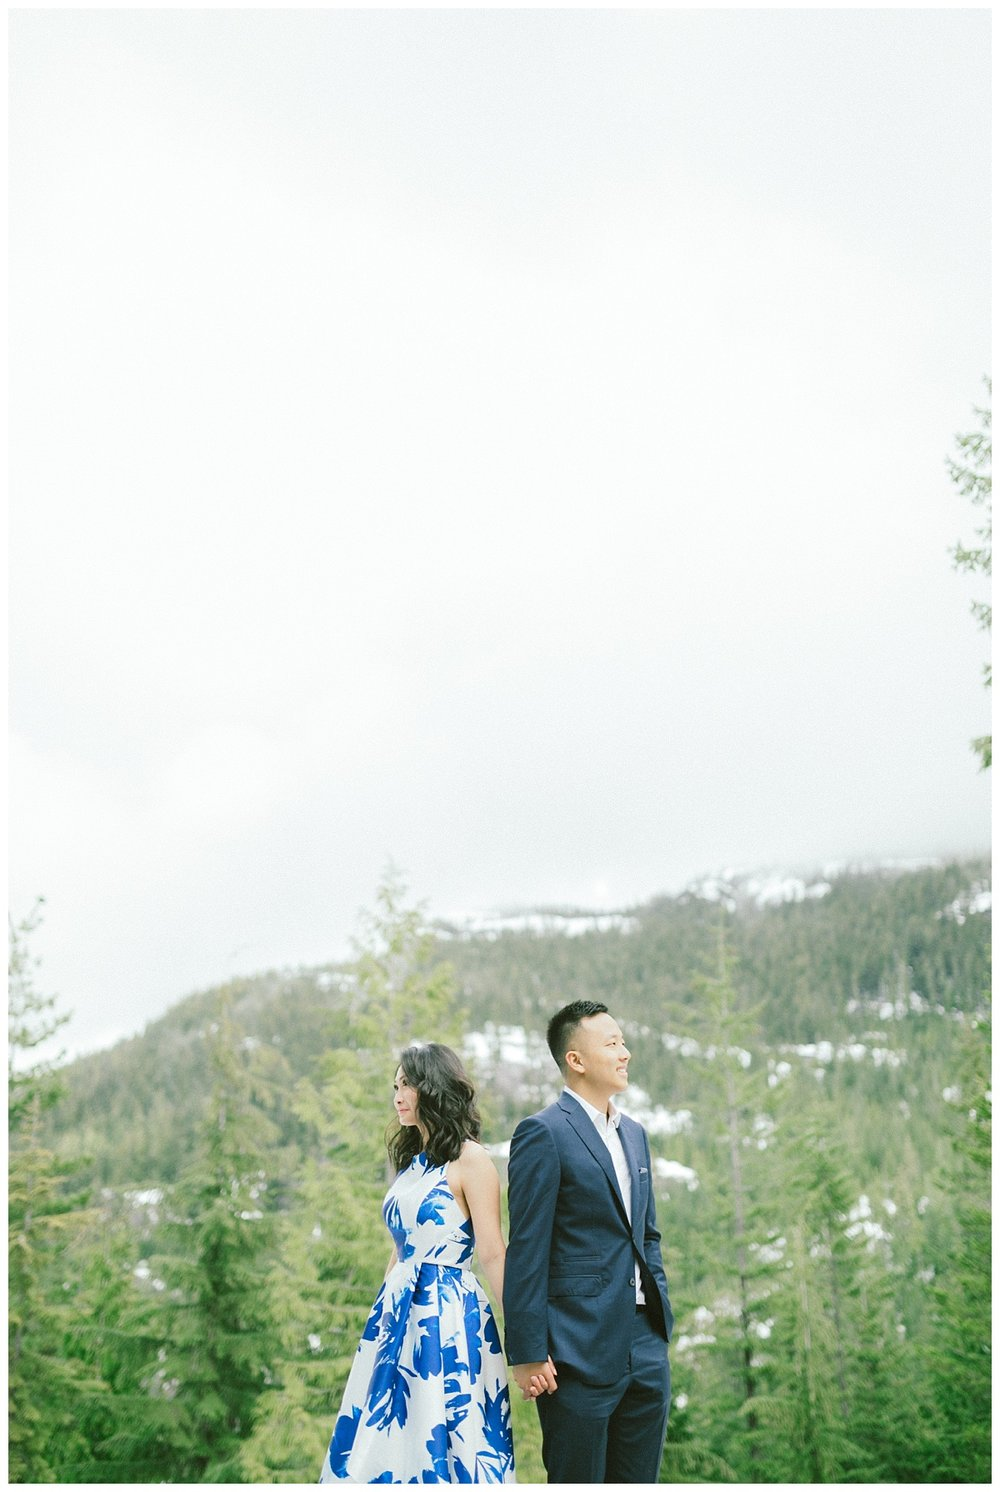 Mattie C. Hong Kong Vancouver Fine Art Wedding Prewedding Photographer16.jpg